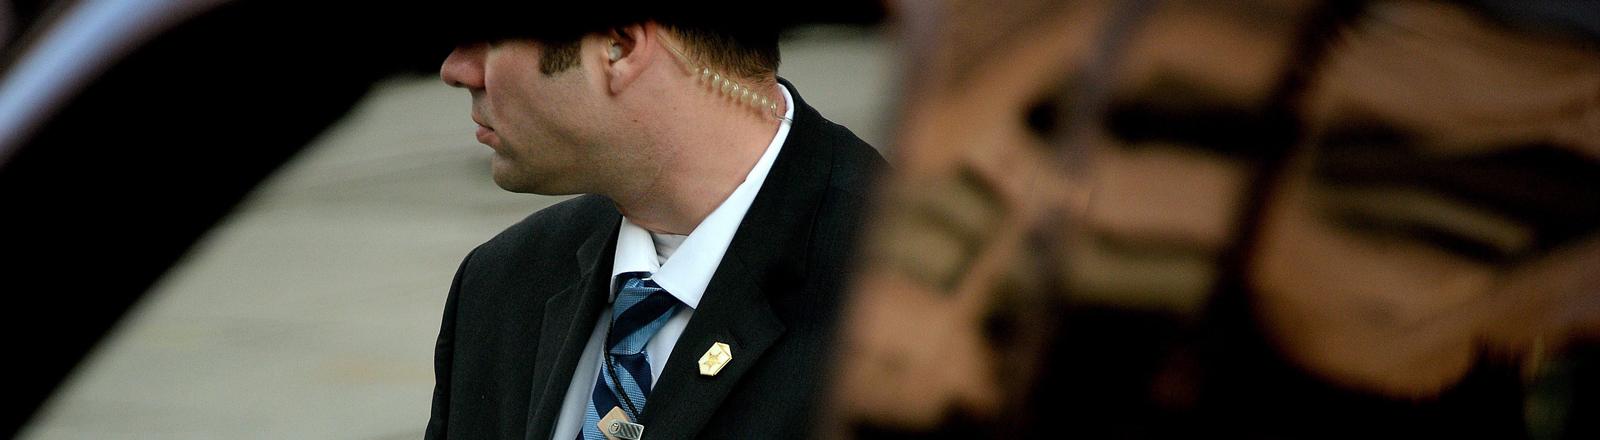 Mann mit einem Knopf im Ohr.